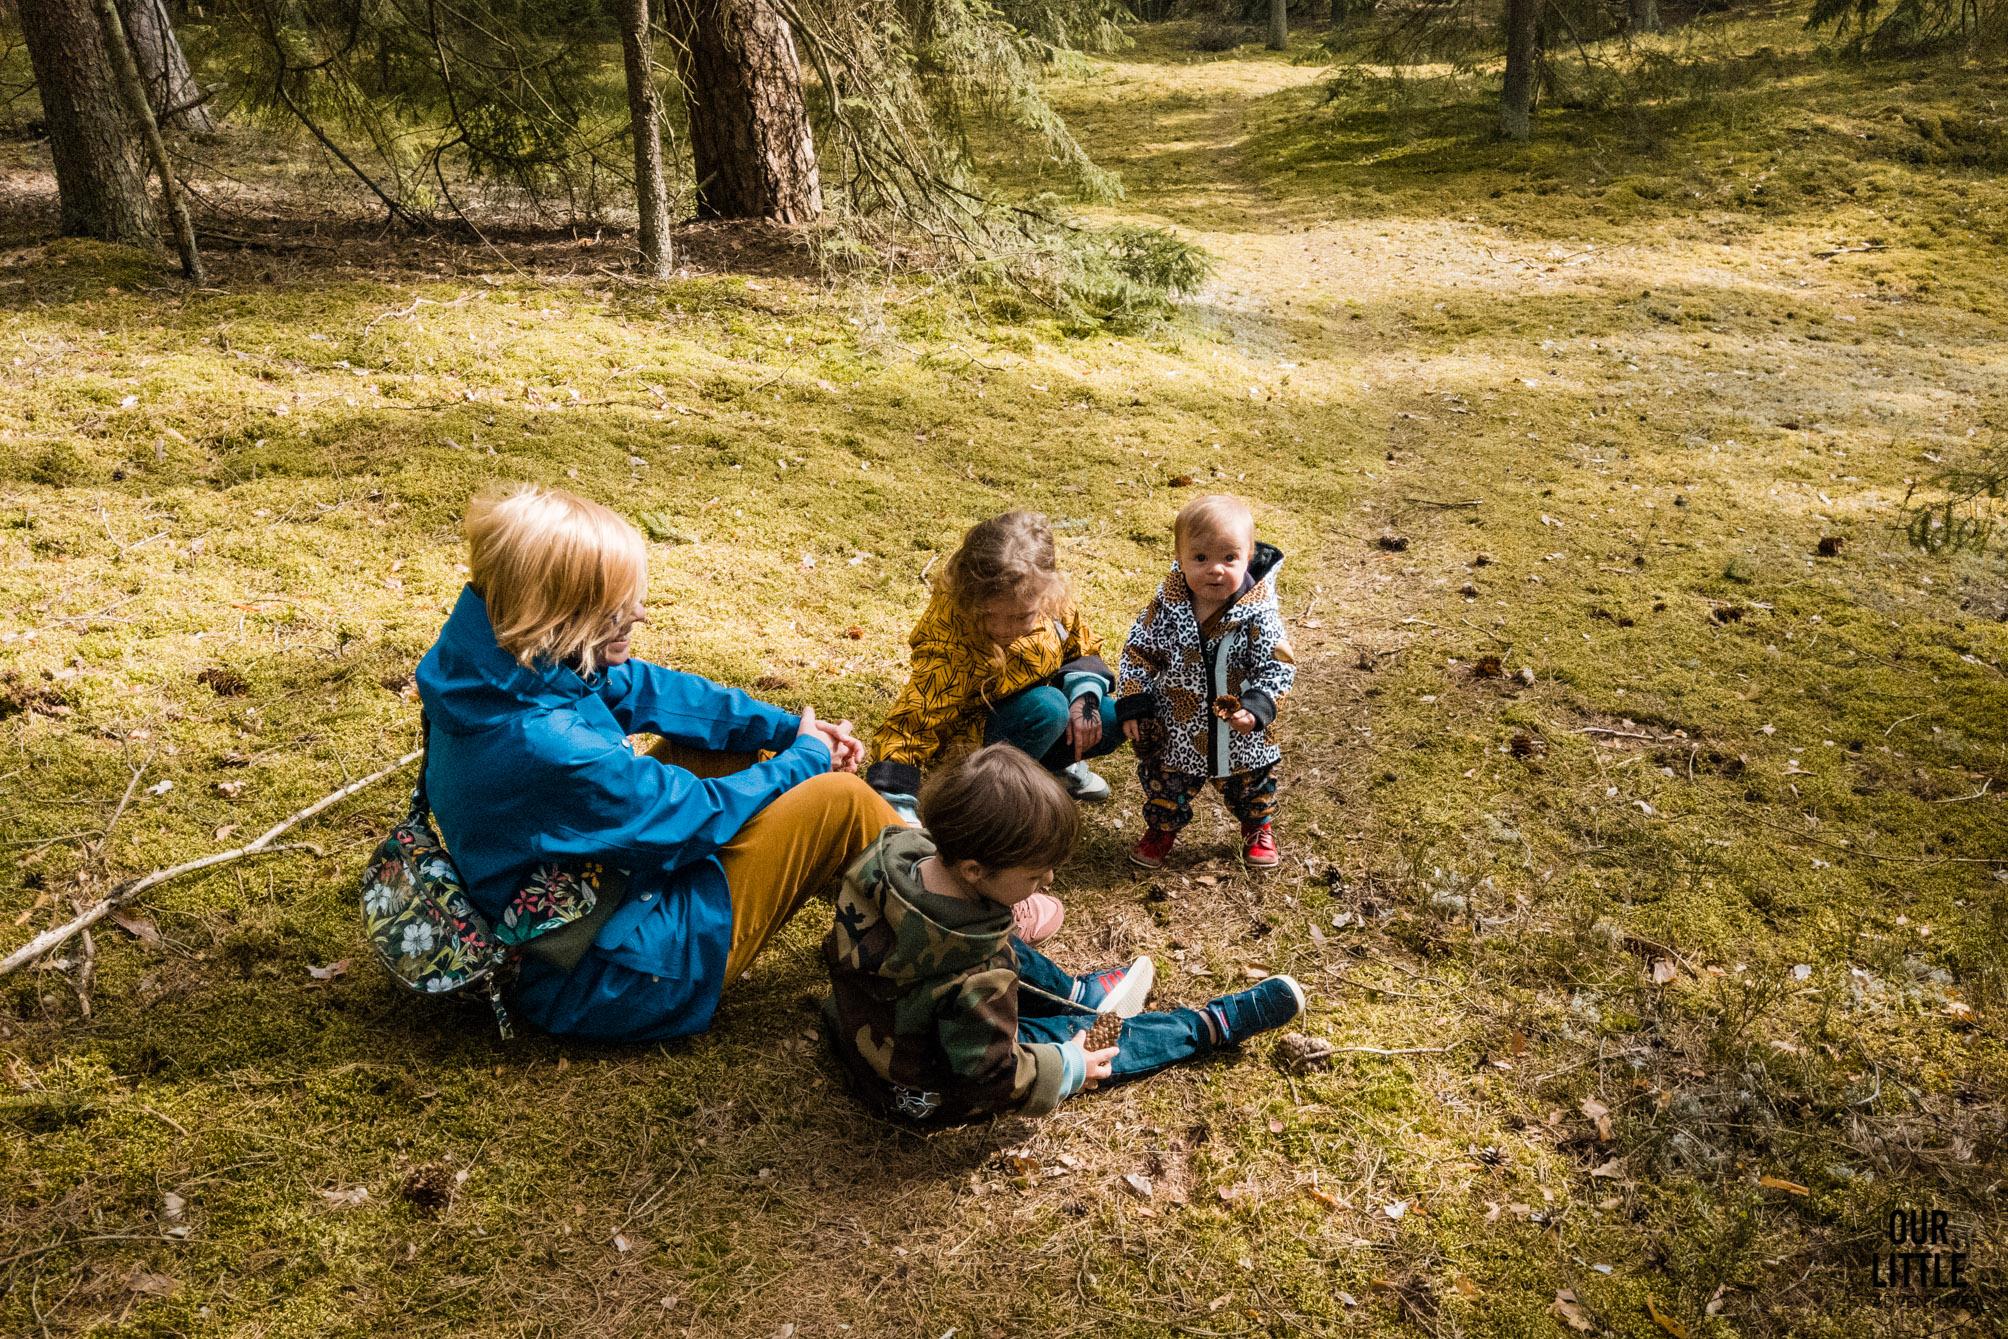 Matka z trójką dzieci siedzi na ziemi w lesie w Puszczy Zielonej